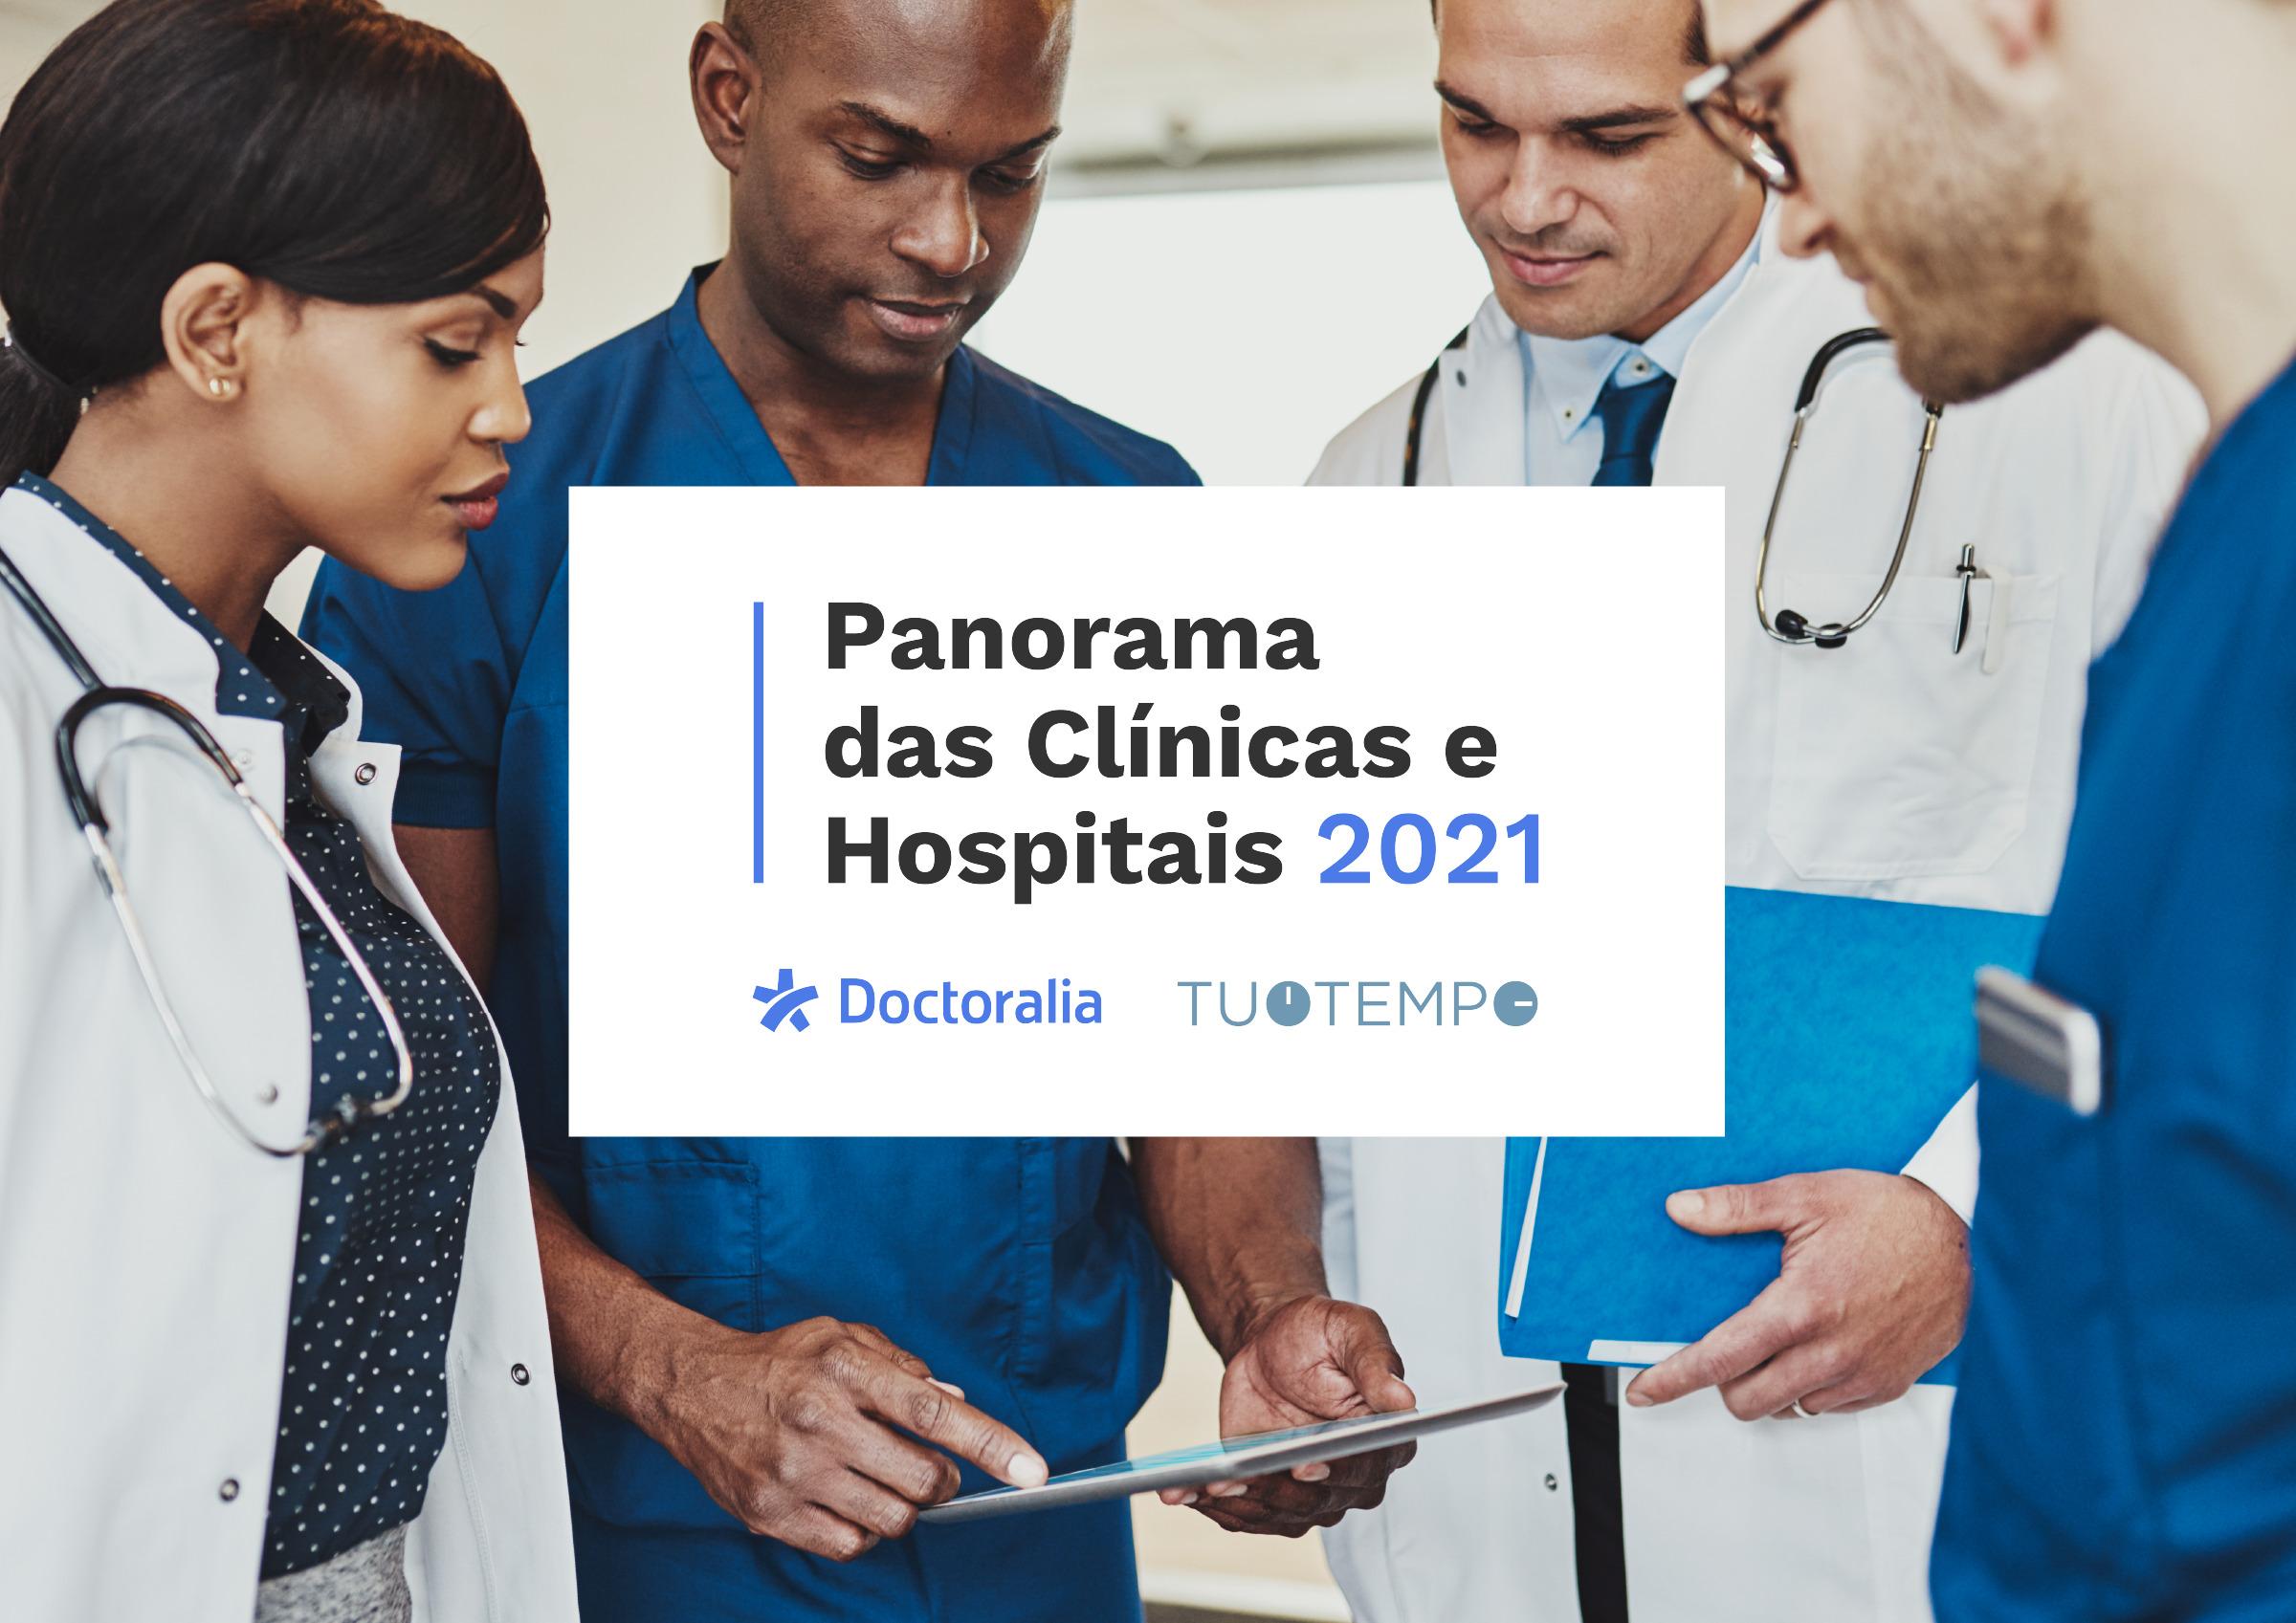 Dados do mercado de saúde no Brasil: Panorama das Clínicas e Hospitais